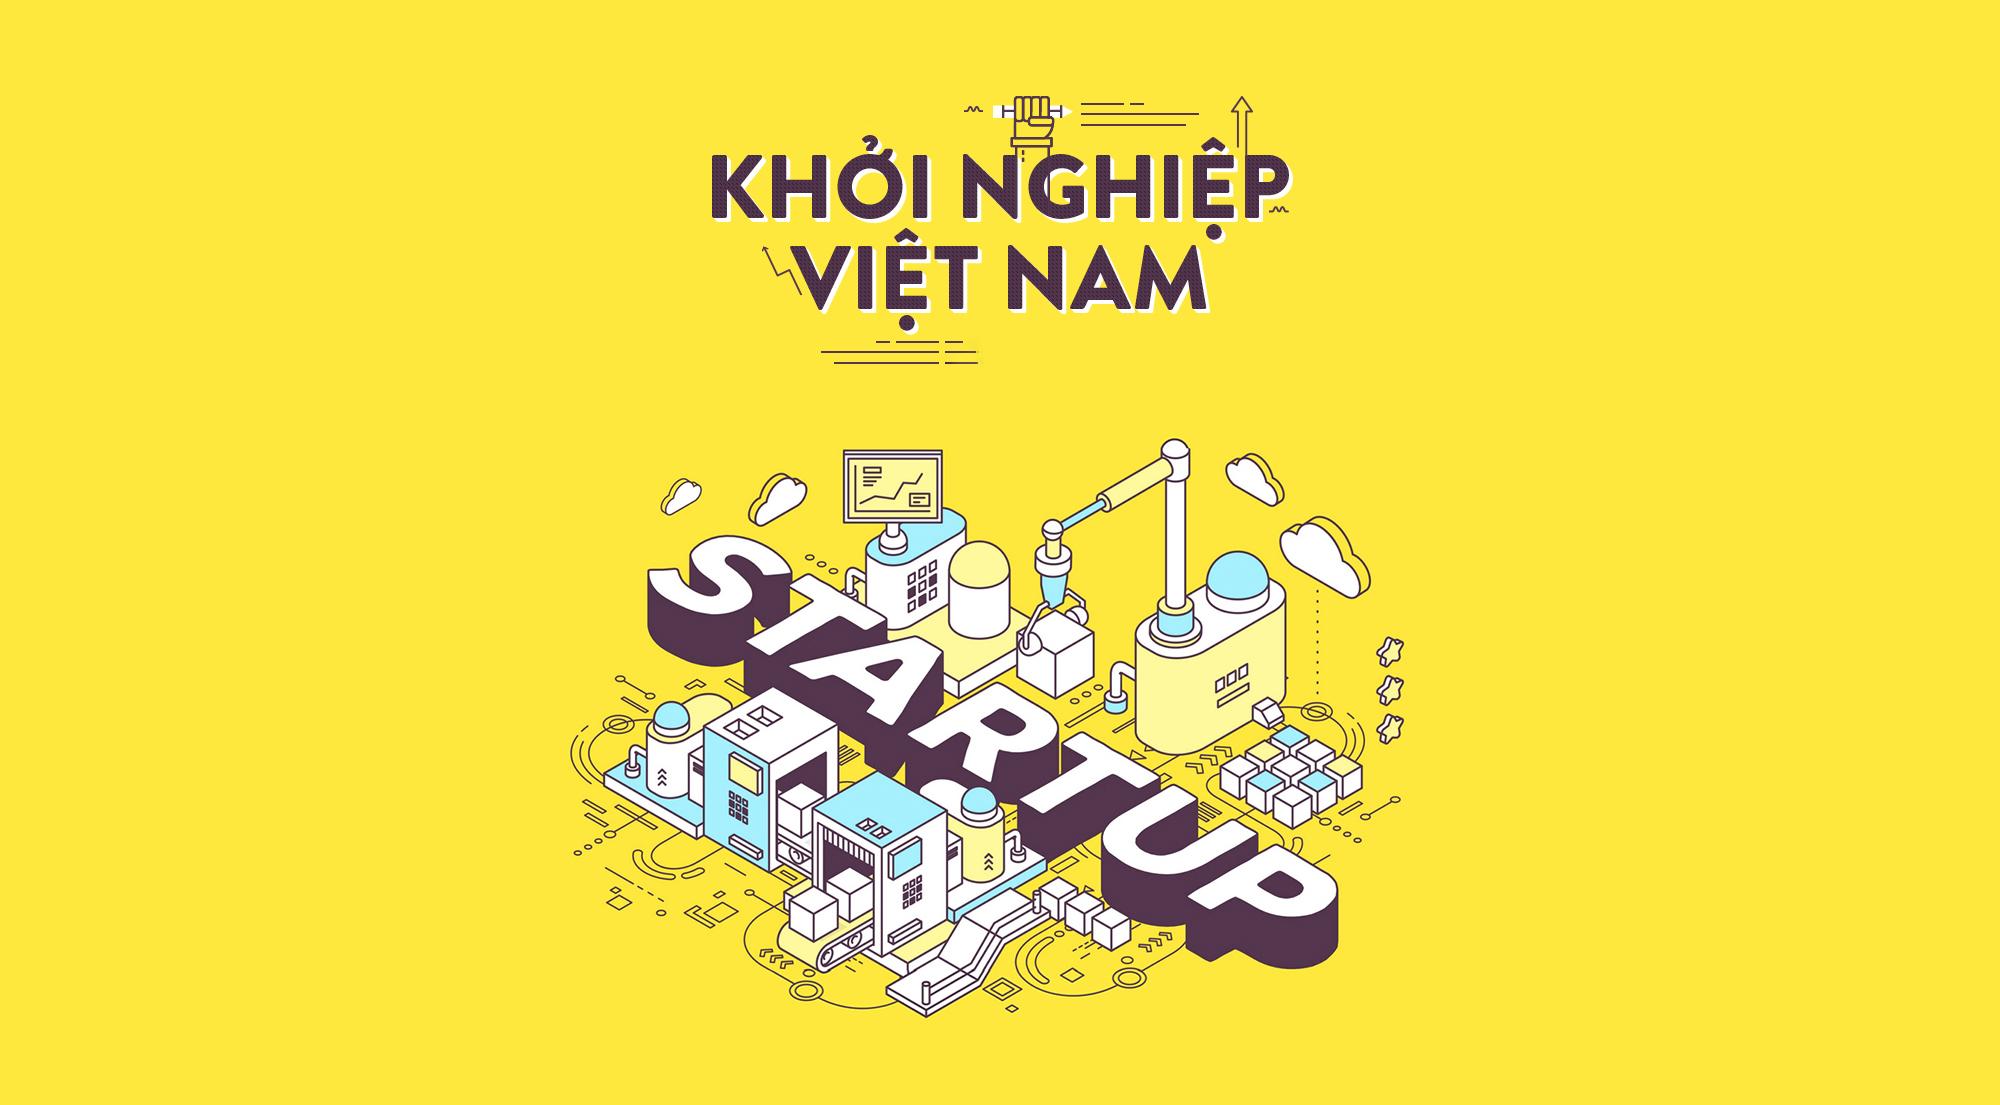 startup-vn.jpg